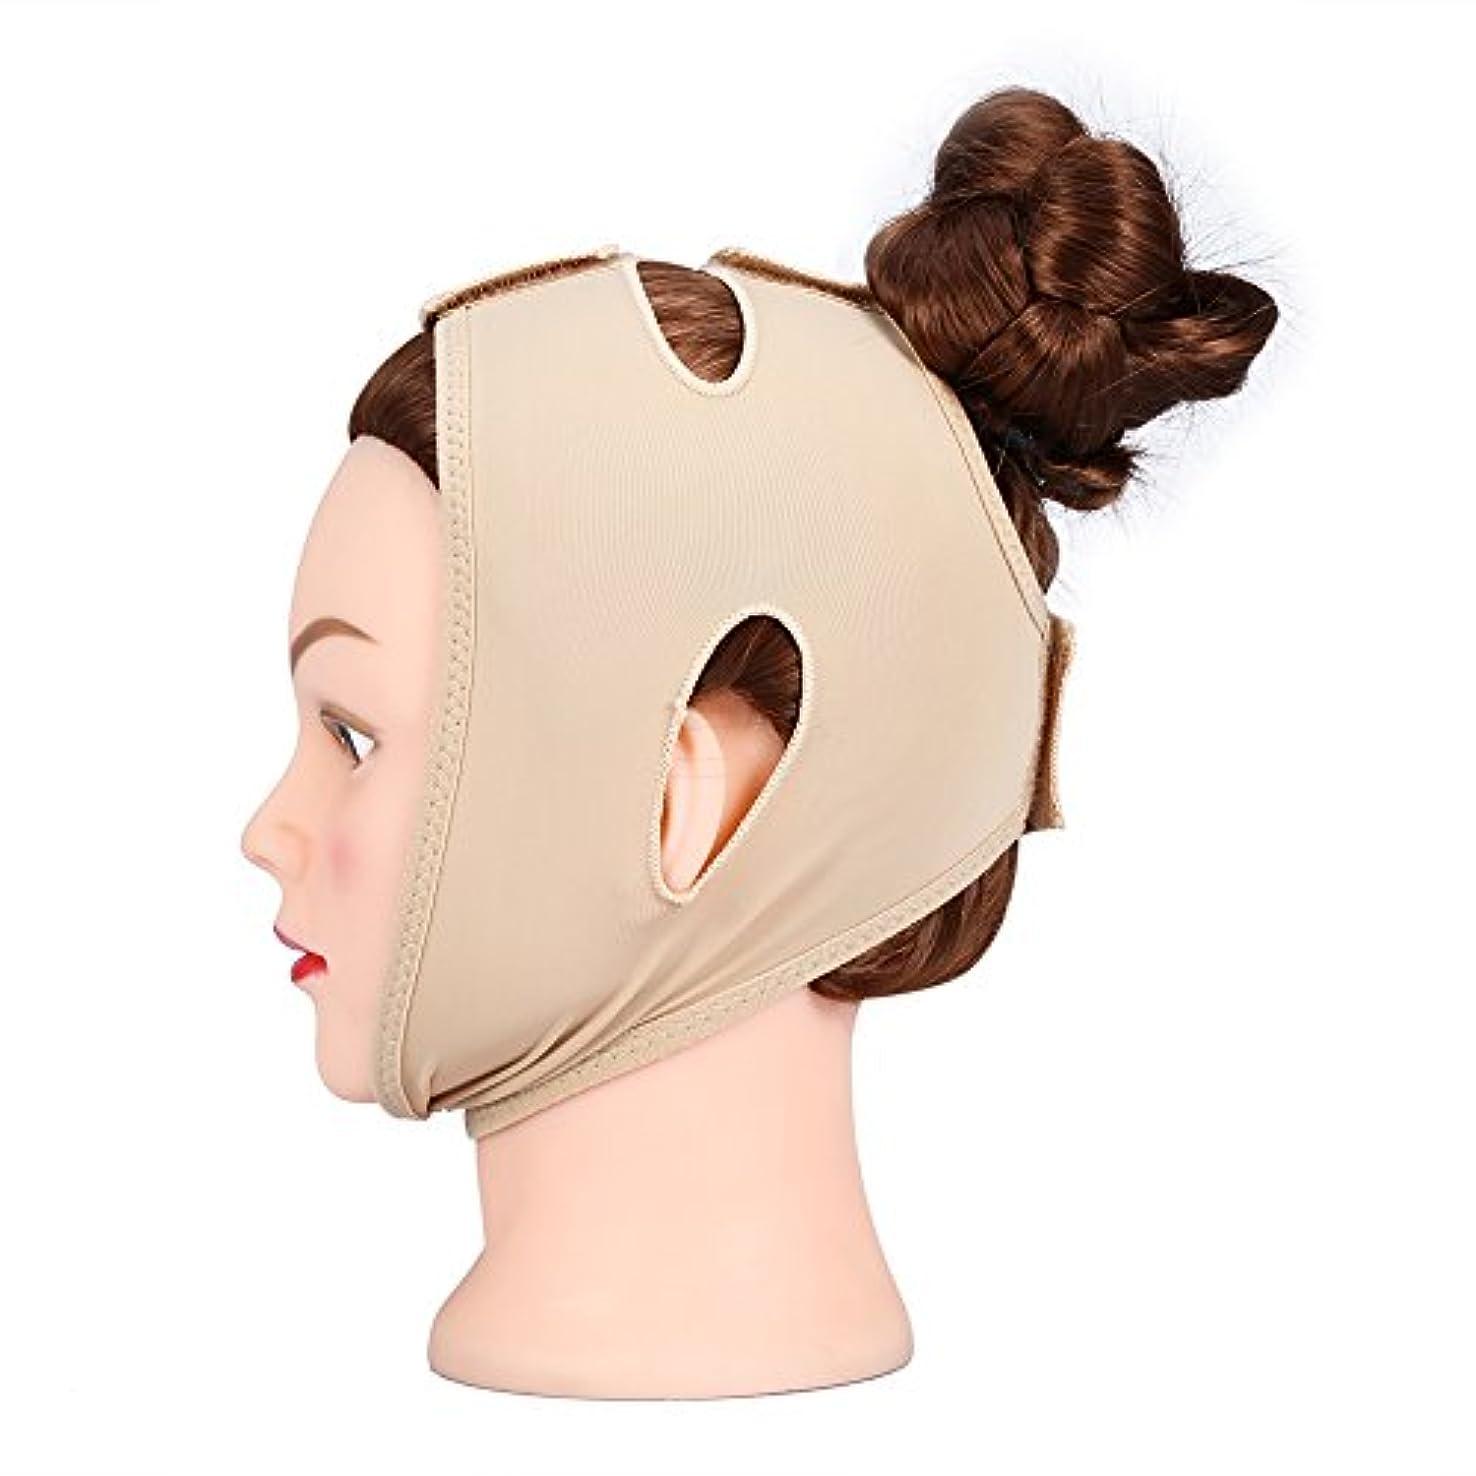 バースト因子協力的痩身フェイスバンド、痩身フェイスマスク、フェイスリフトマスク、睡眠首マスク、二重あご包帯を減らす(M)